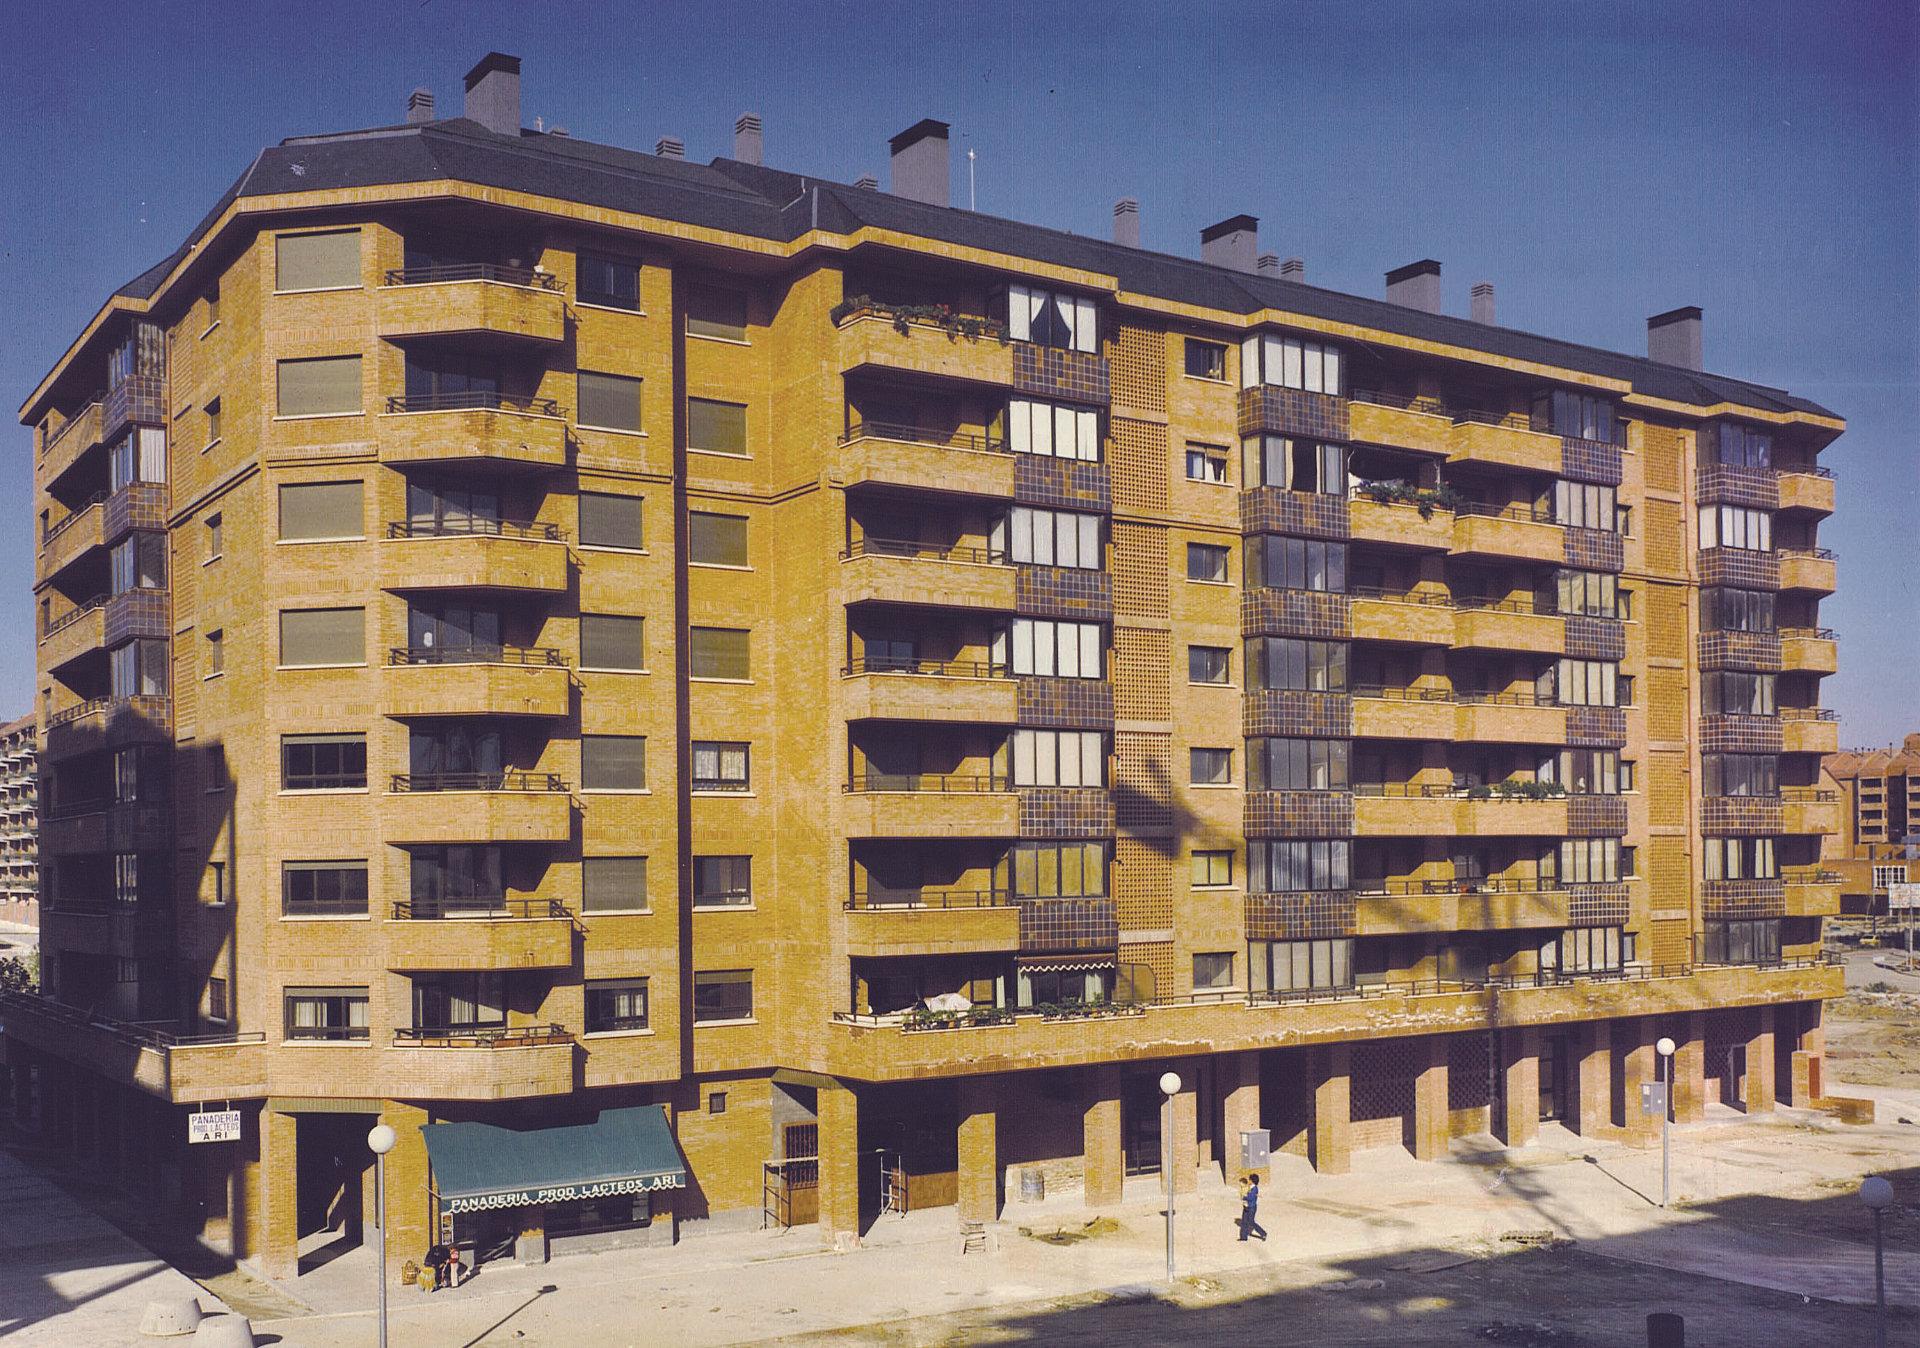 Cooperativas de viviendas en madrid tres cantos - Cooperativa tres cantos ...